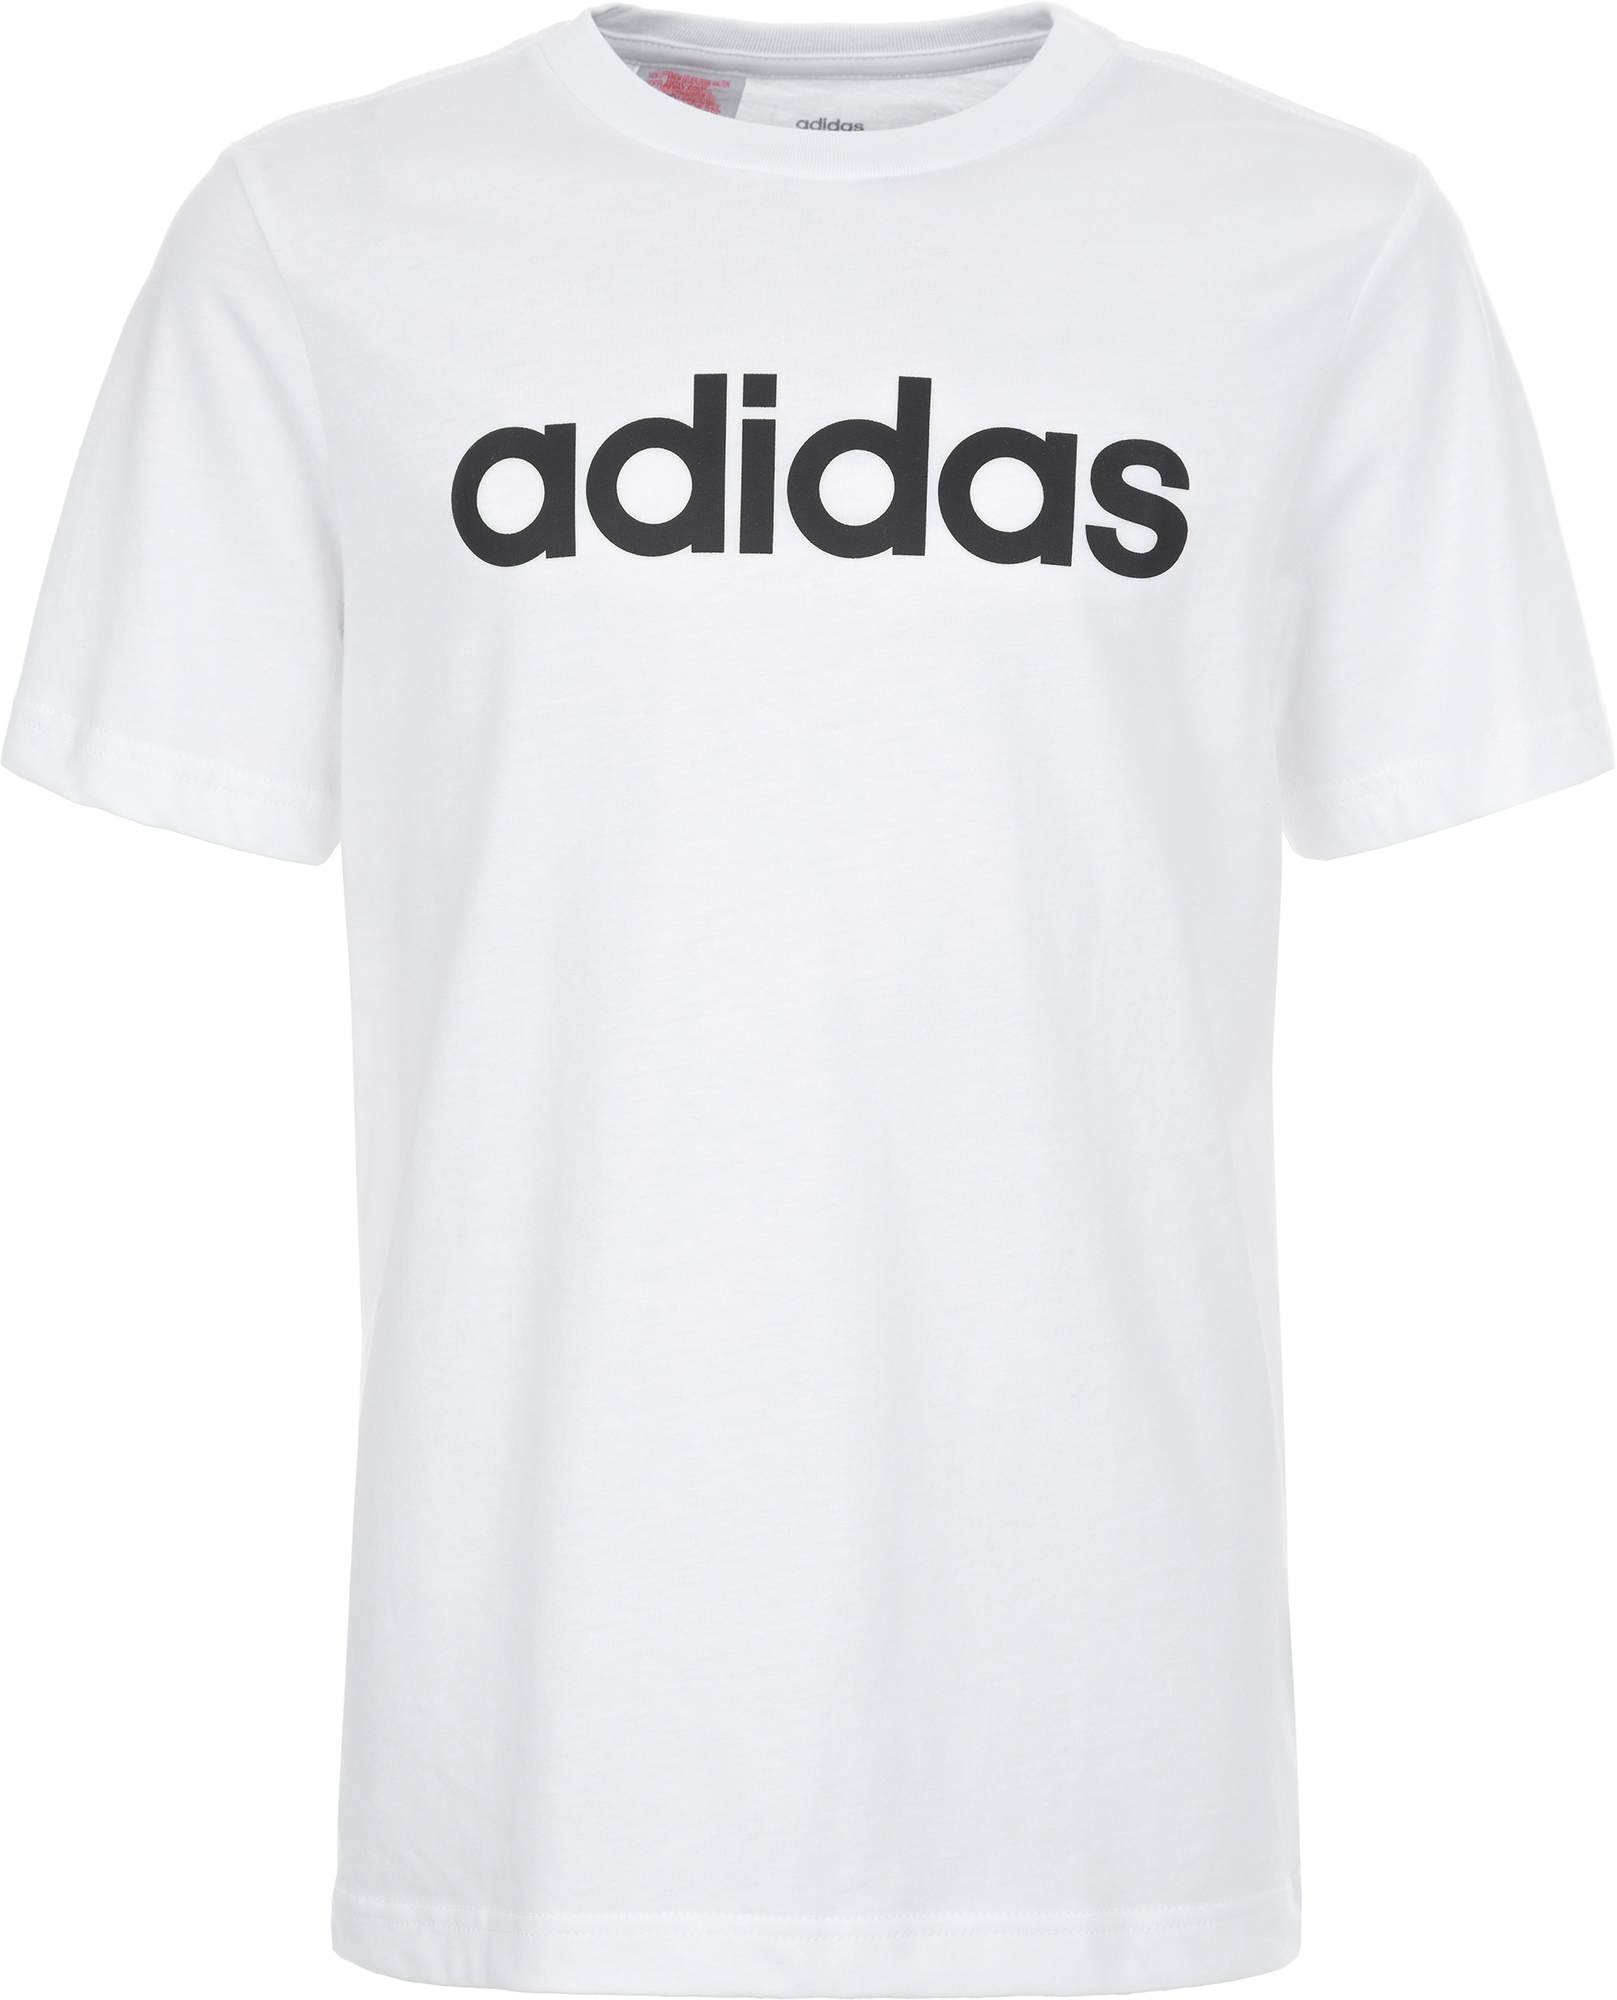 Adidas Футболка для мальчиков Essentials Linear Logo, размер 164